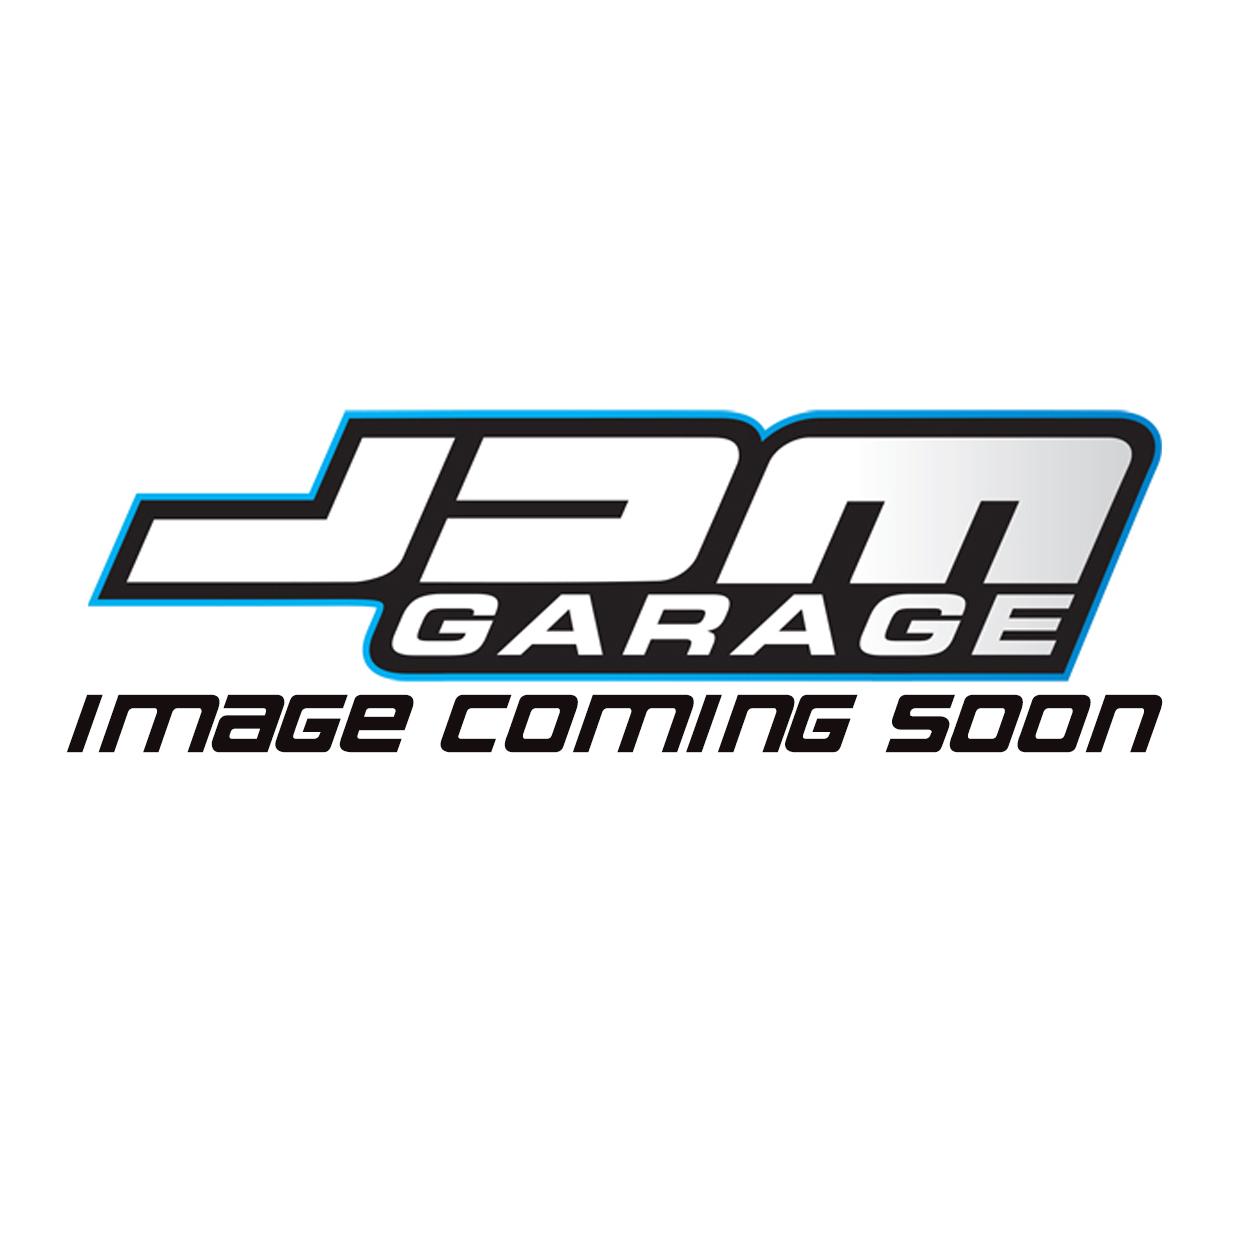 DBA 4000 Series Front Brake Kit - T3 - For Mitsubishi Lancer Evo Evolution 5 V 6 VI 7 VII 8 VIII 9 IX